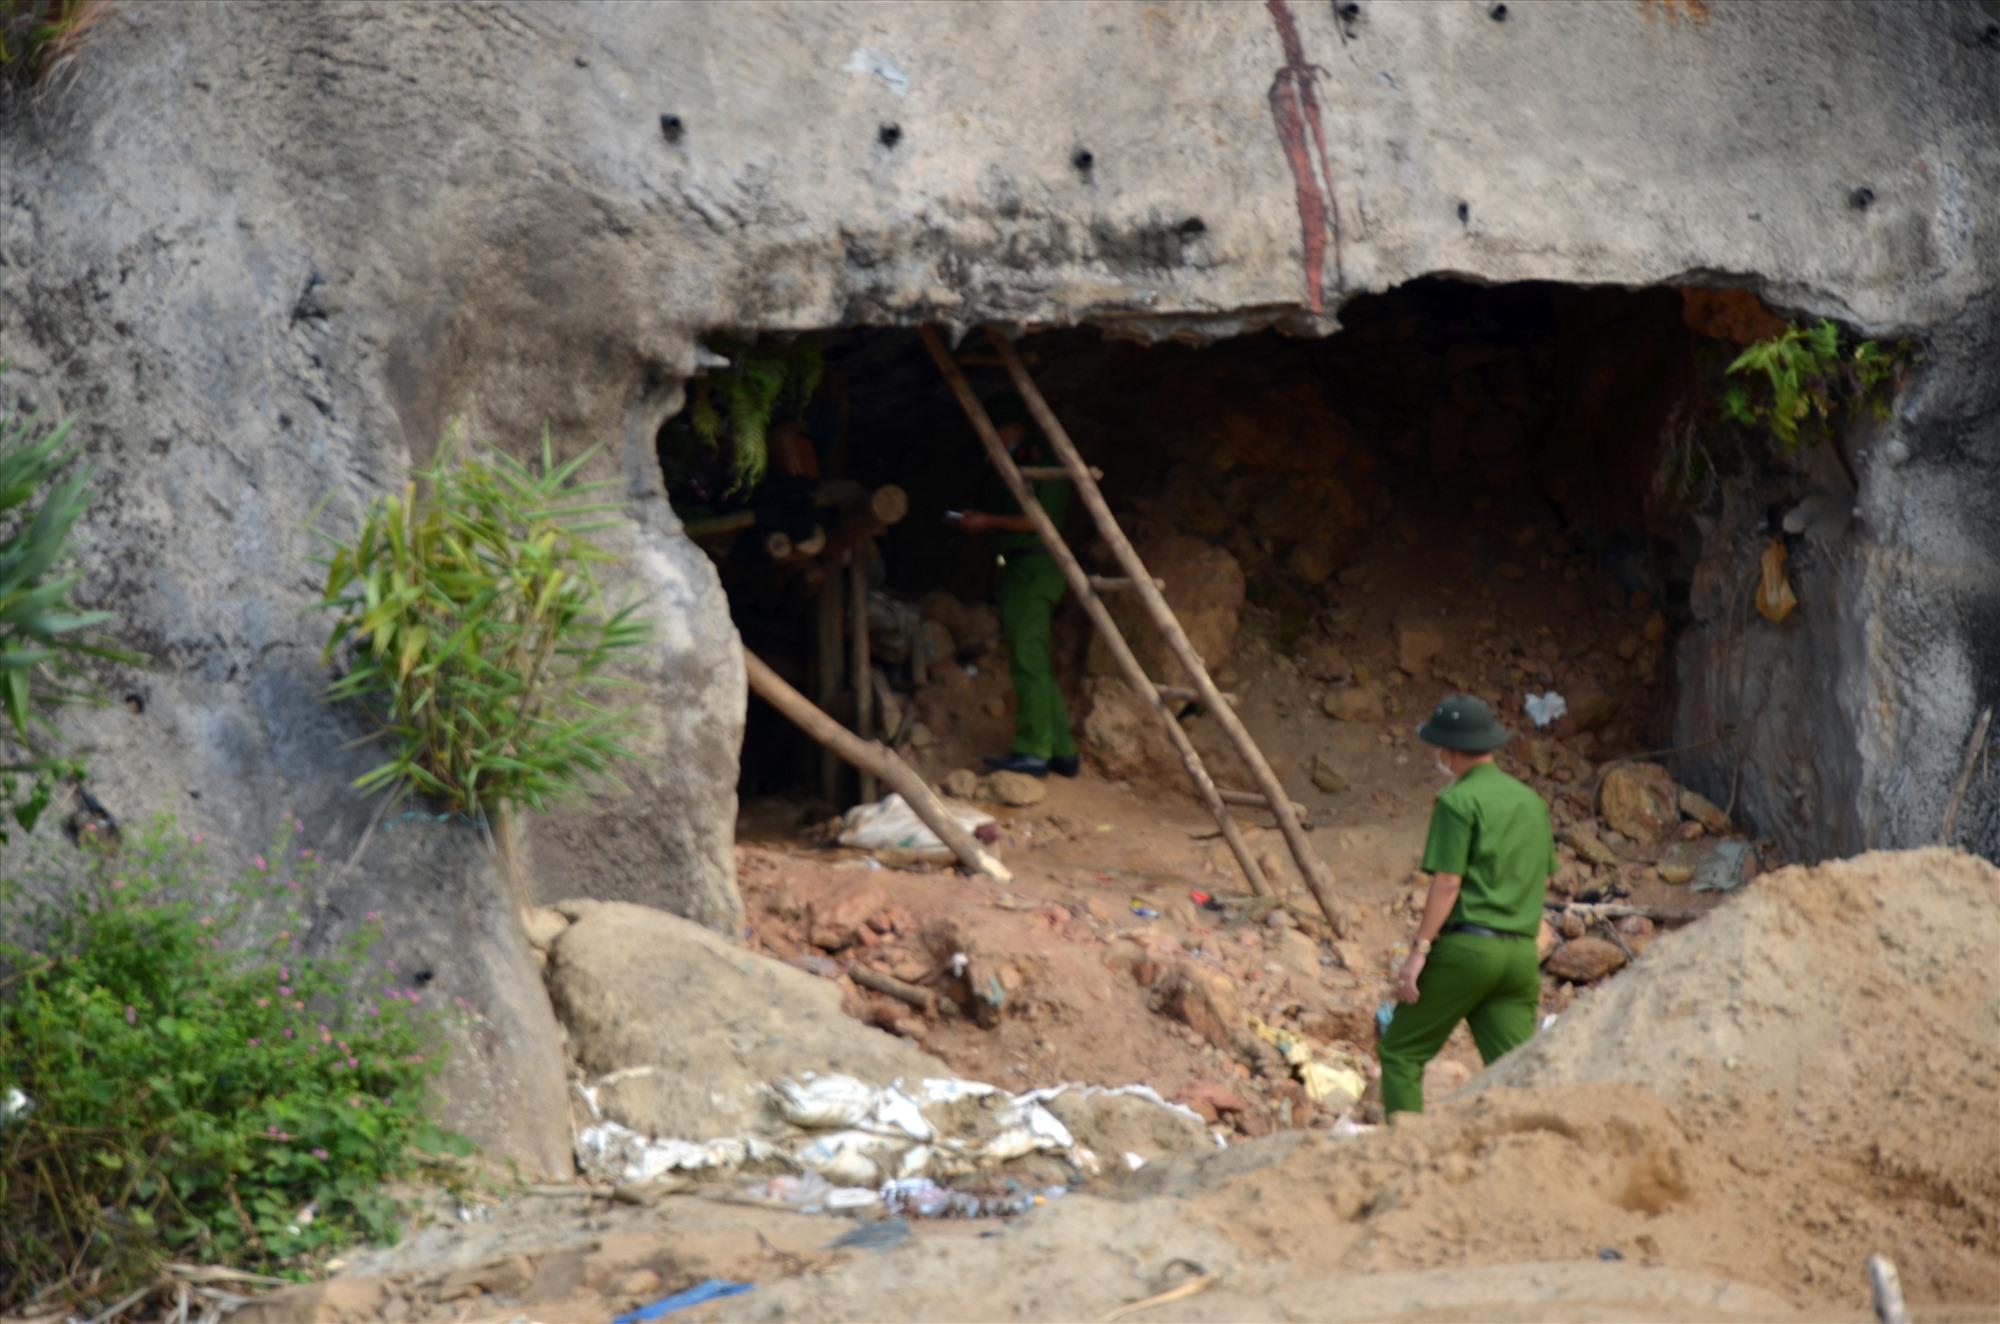 Miệng hầm ở khu vực Thác Trắng cho thấy phu vàng đang hoạt động. Ảnh: H.P